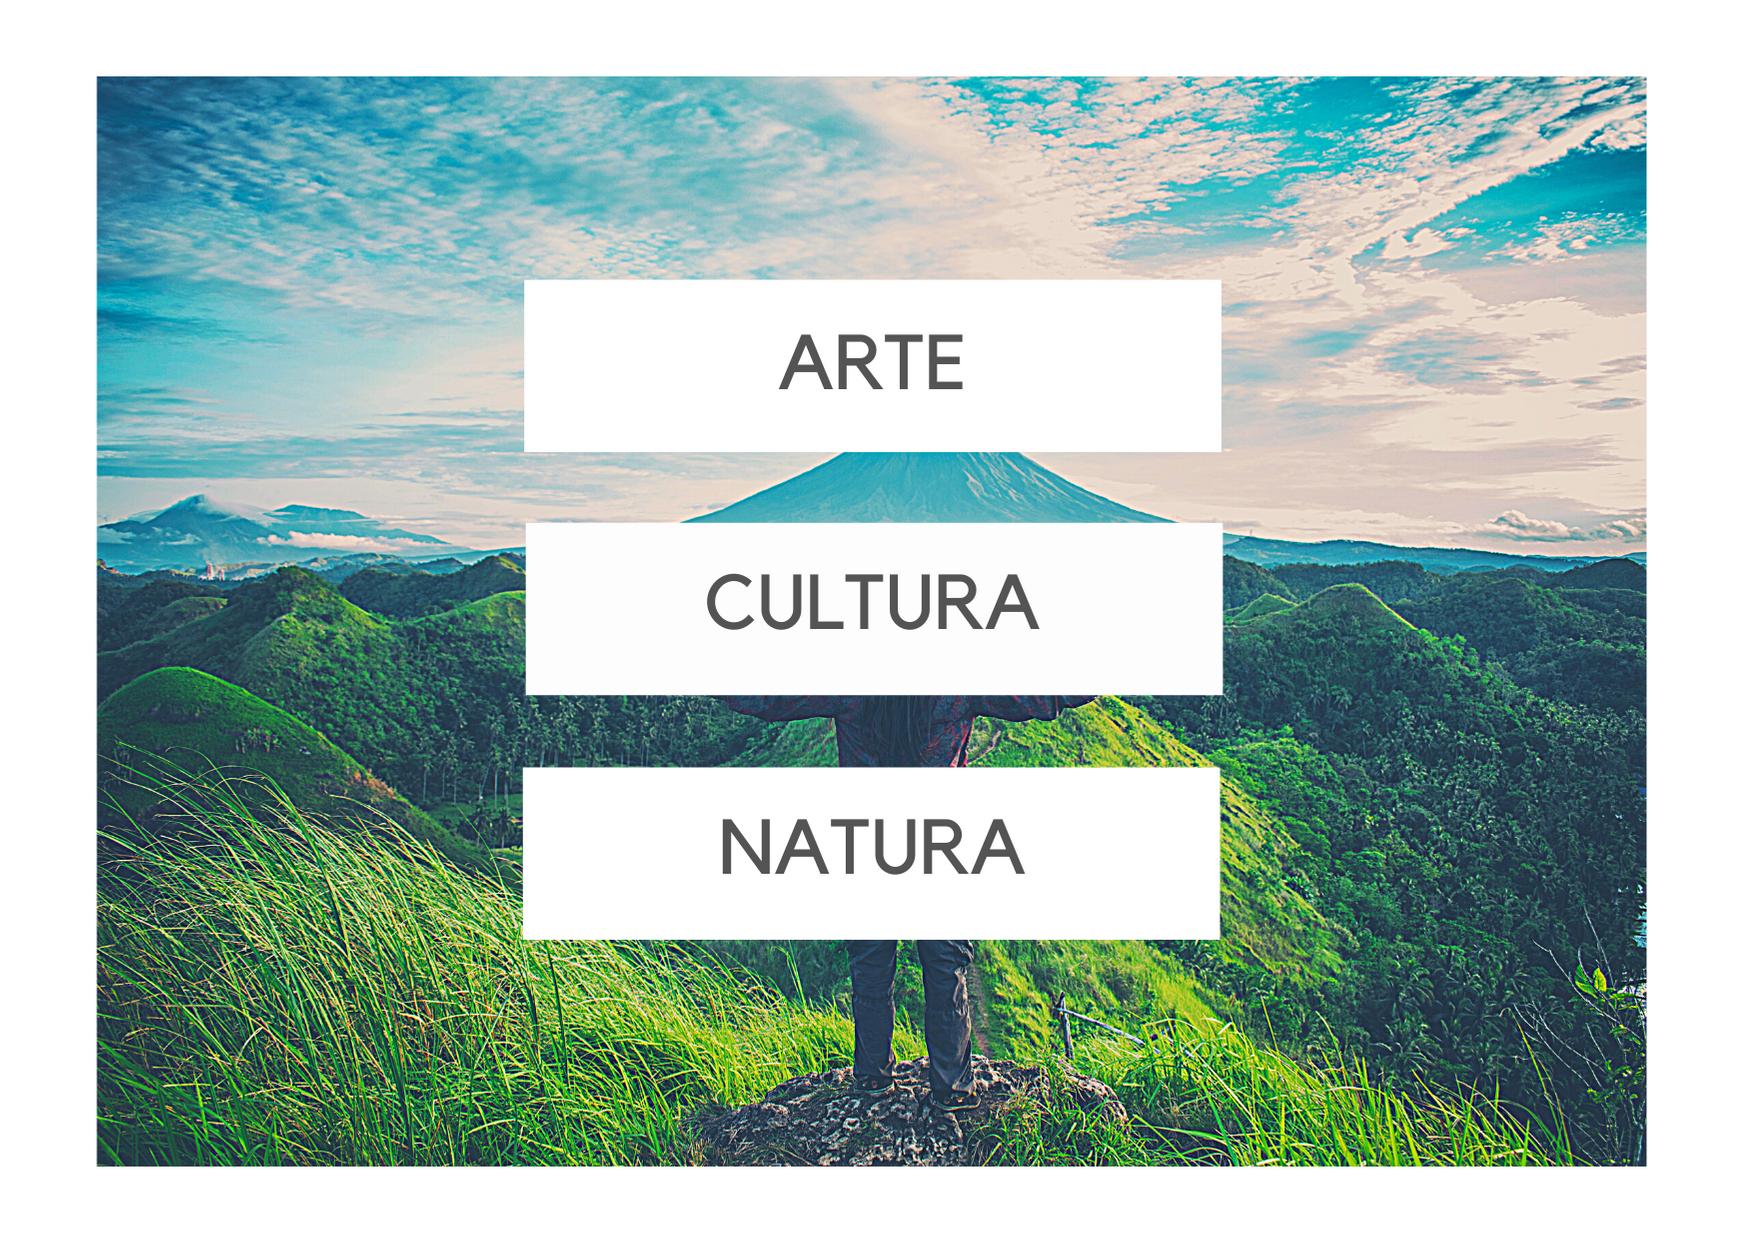 Cerco lavoro nel campo artistico/culturale/ambientale